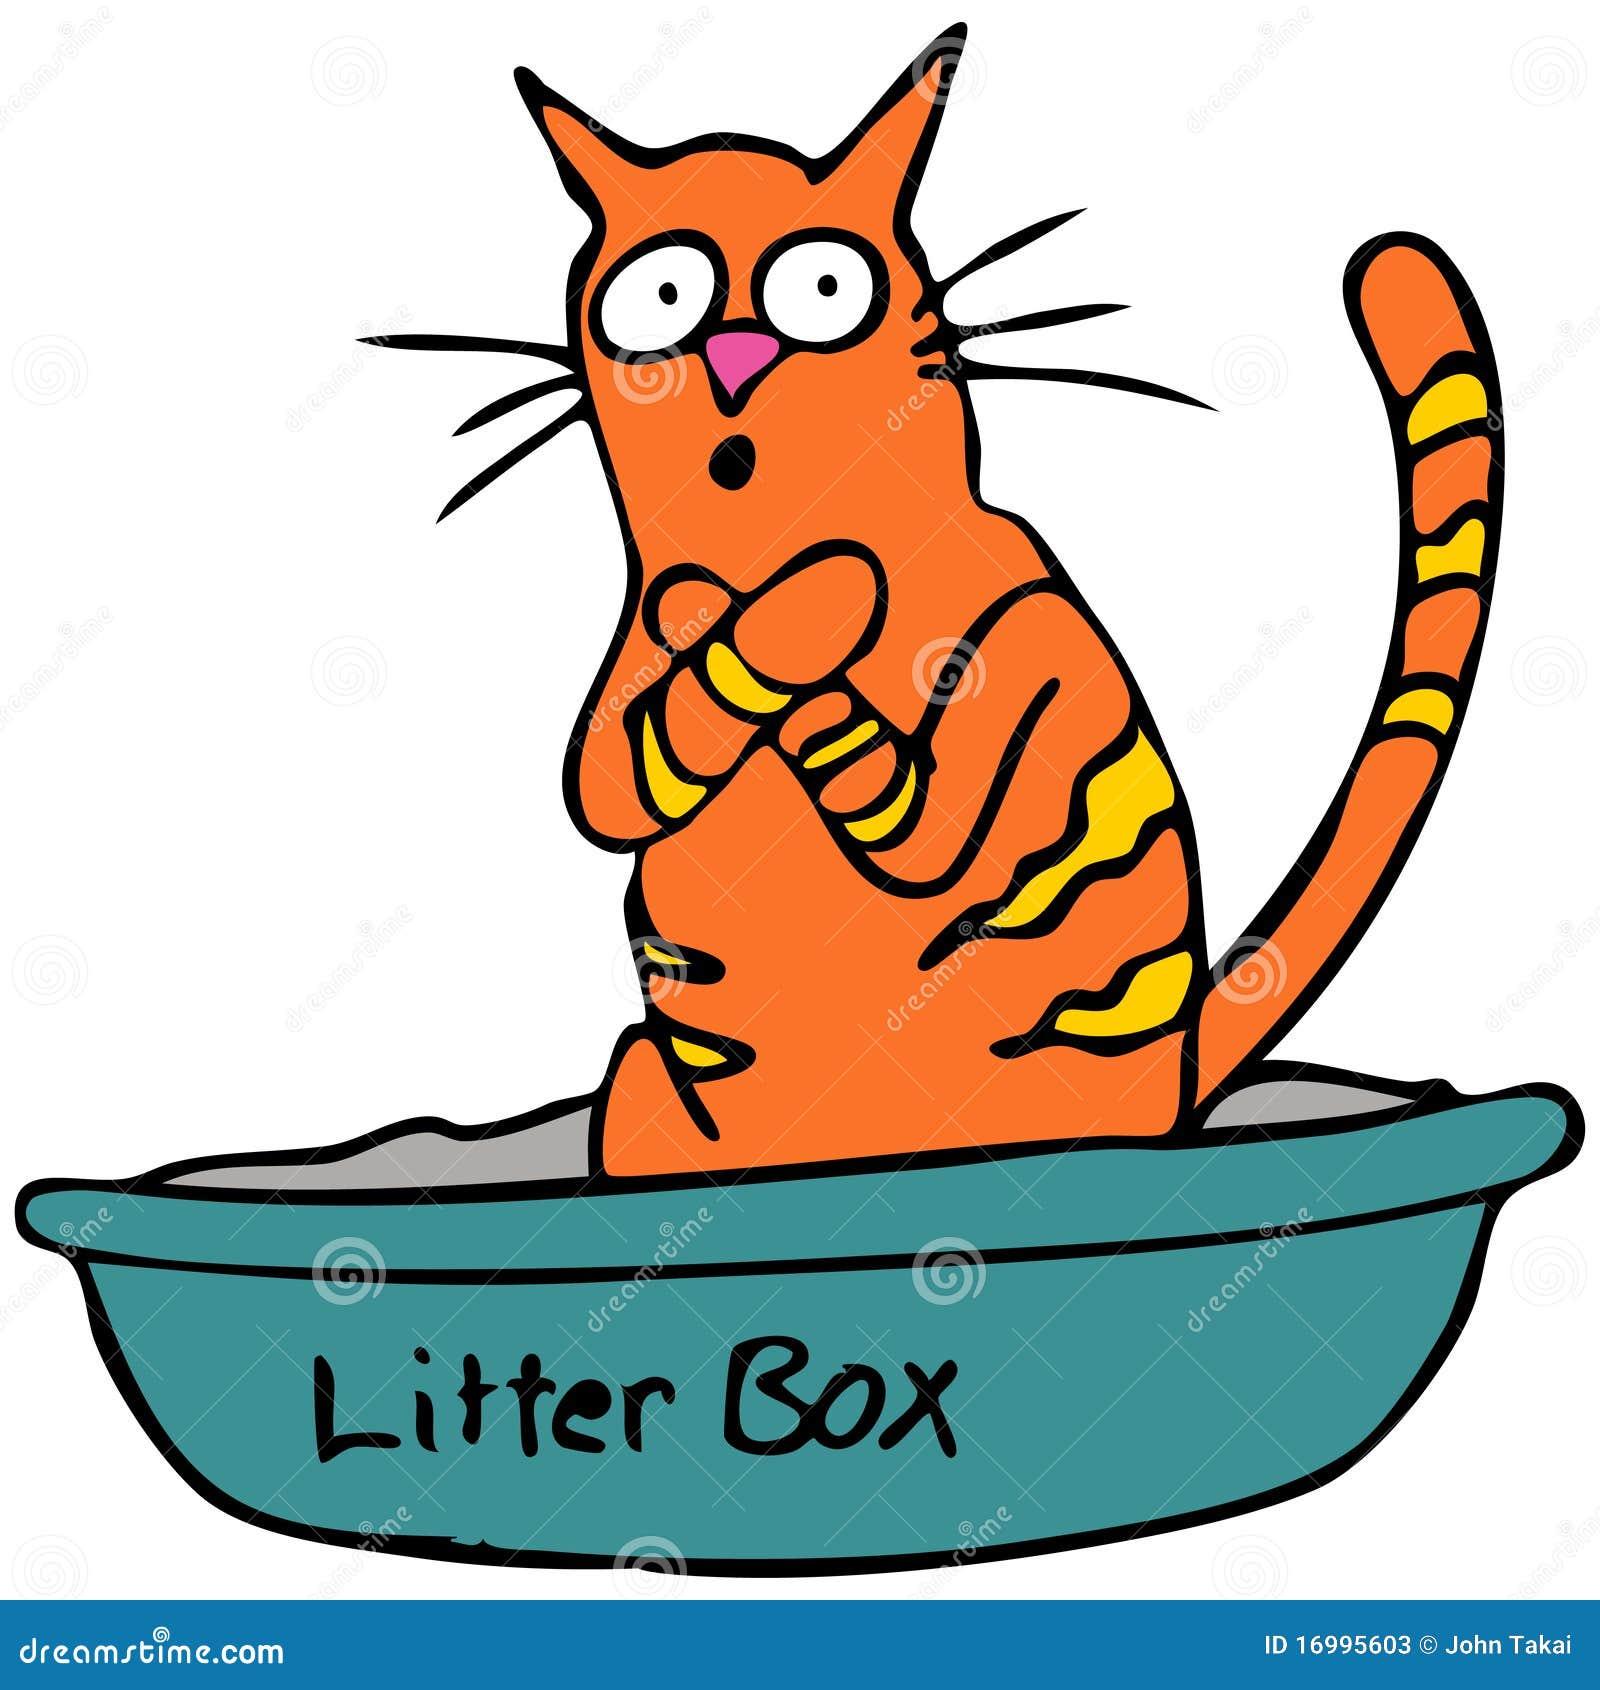 Litter Box Clipart